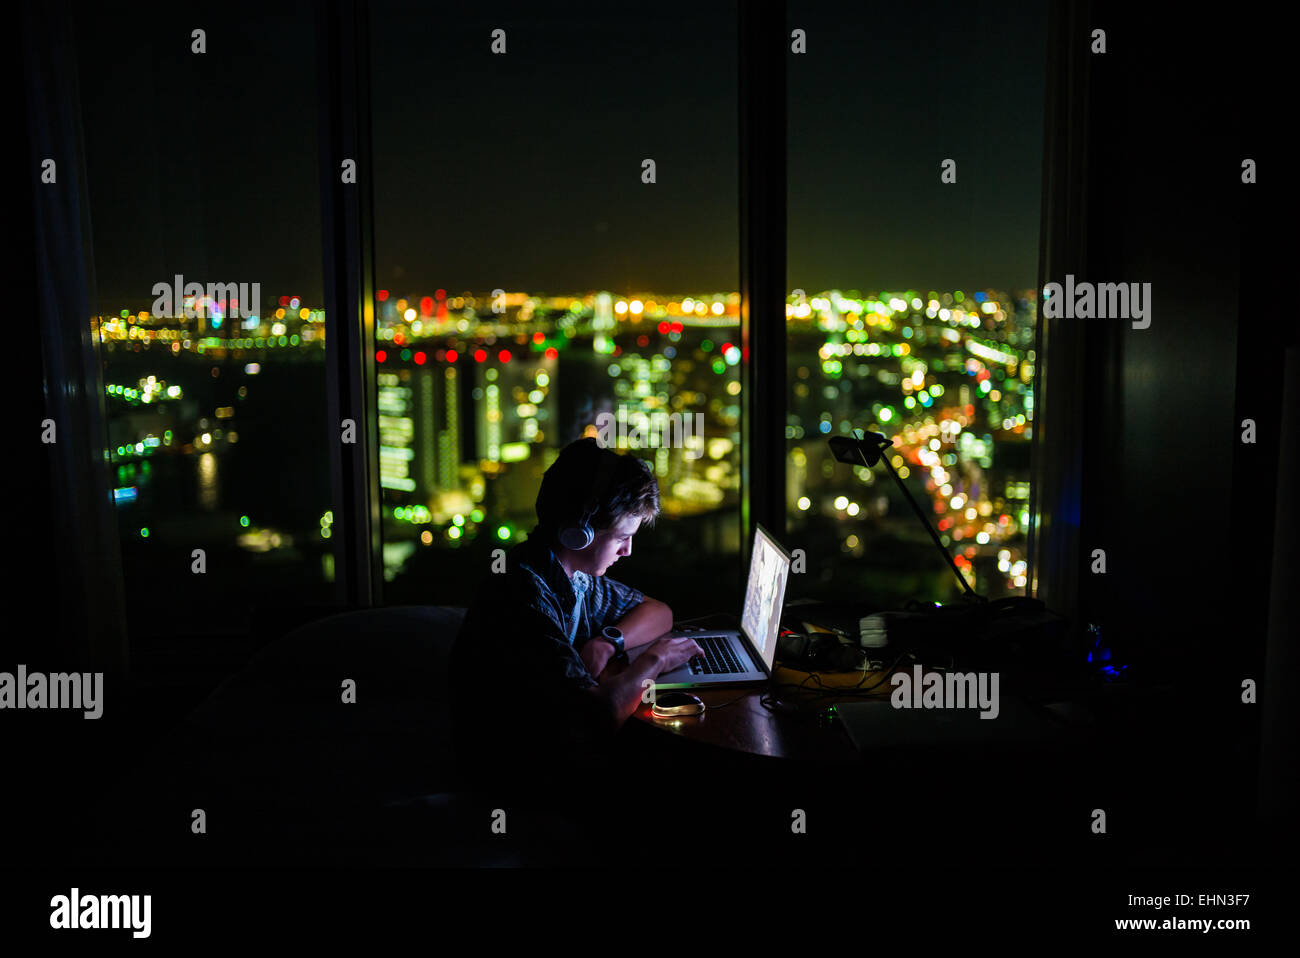 Adolescente utilizando un ordenador portátil. Imagen De Stock